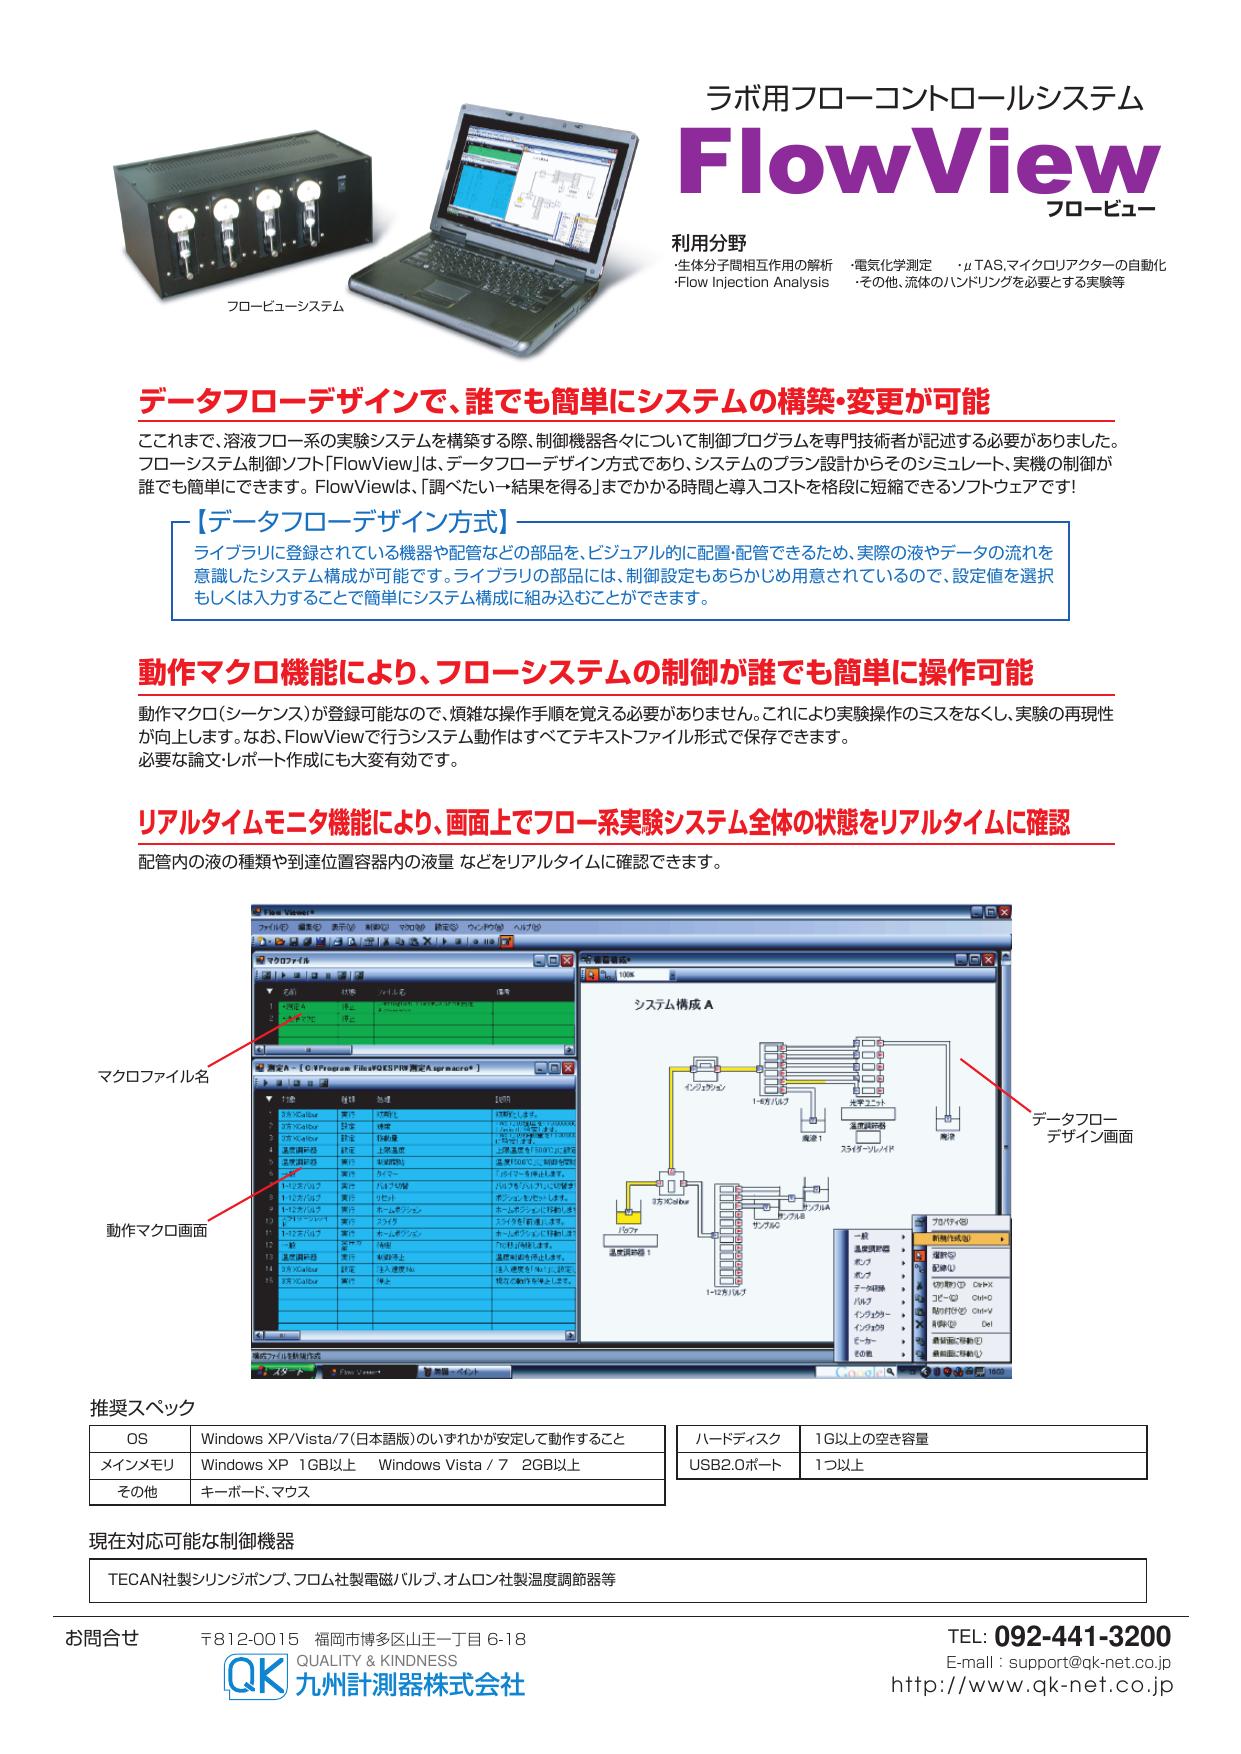 ラボ用フローコントロールシステム FlowView